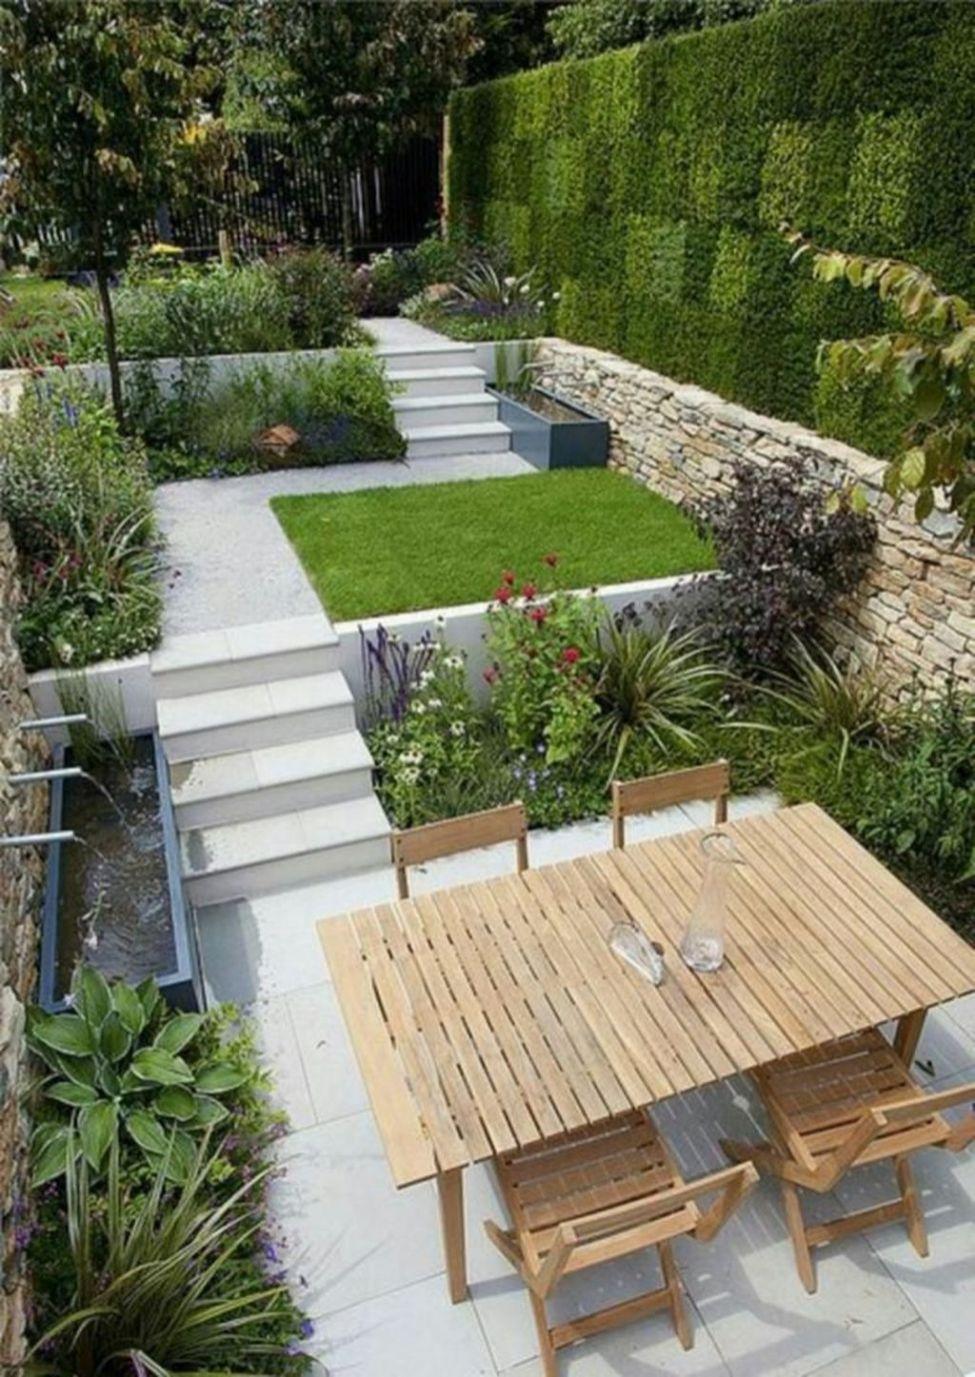 Pin on Outdoor gardens design